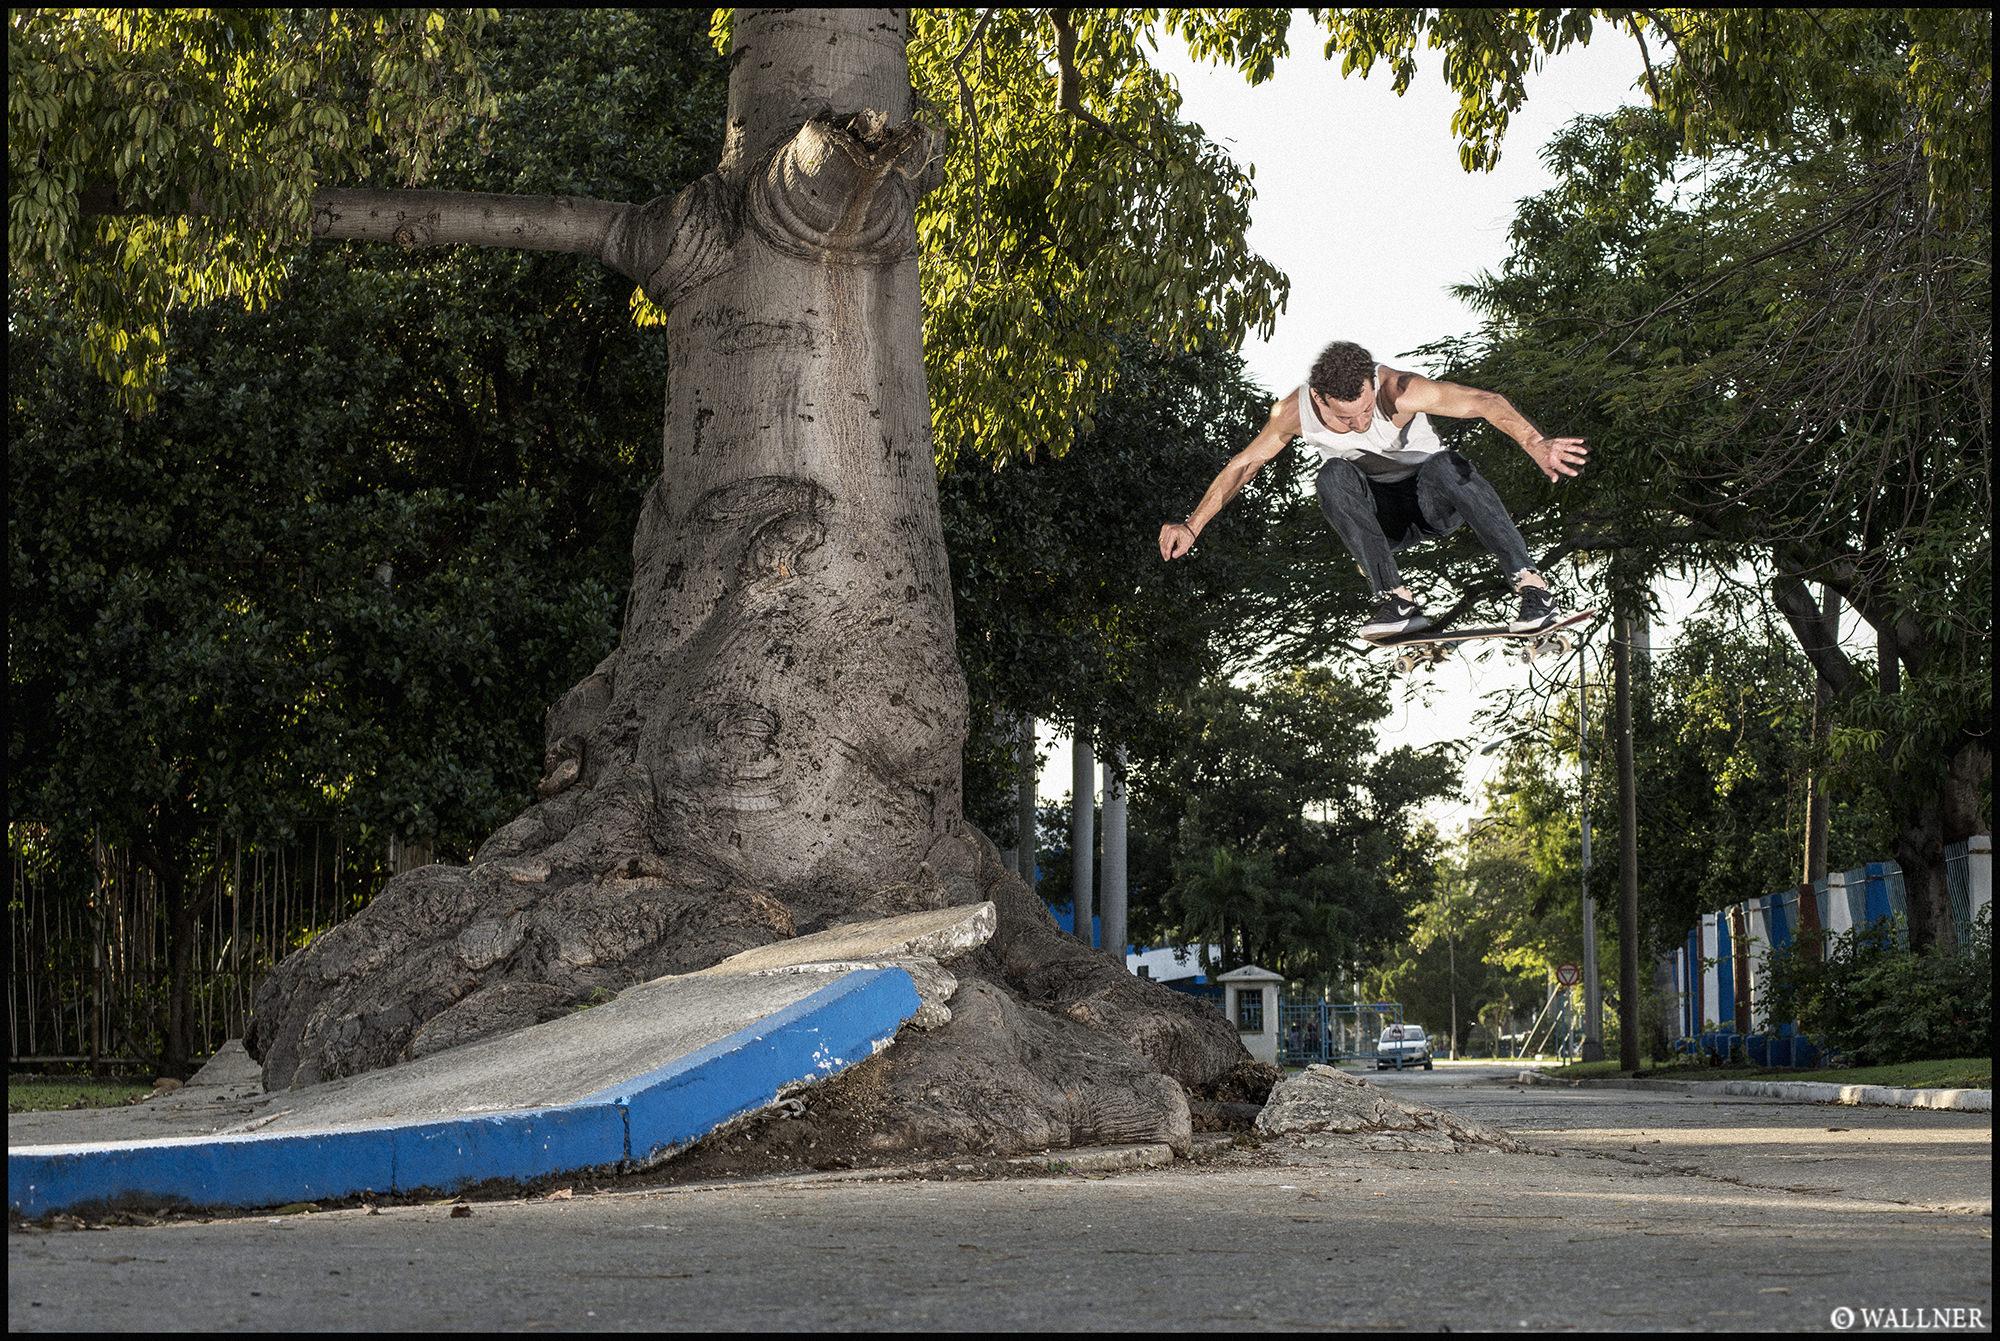 Digital Patrik Wallner Havana Michael Bs 180 Tree Kicker LOWQ 2000P w WM